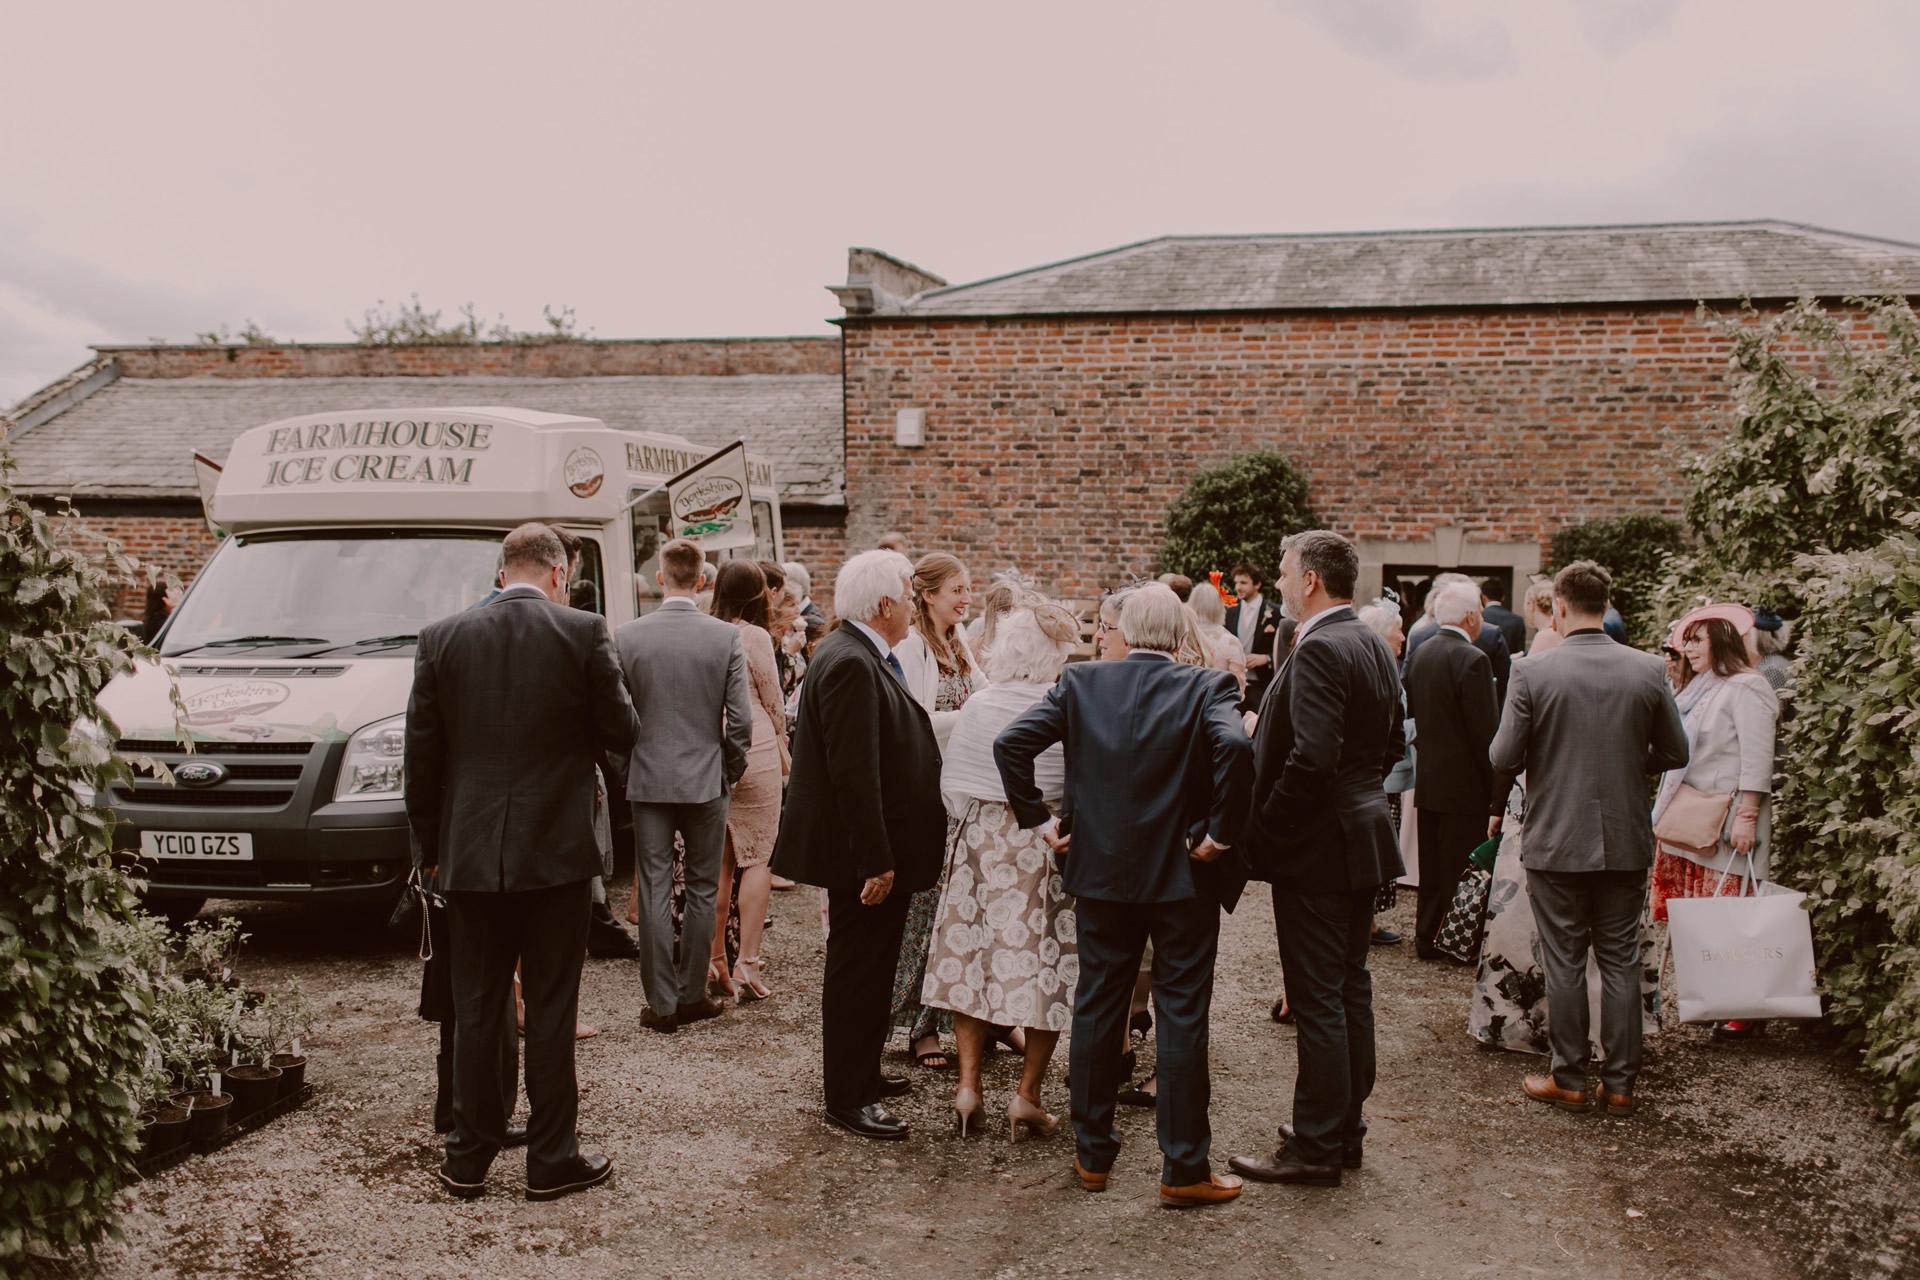 ice cream van for wedding celebrations